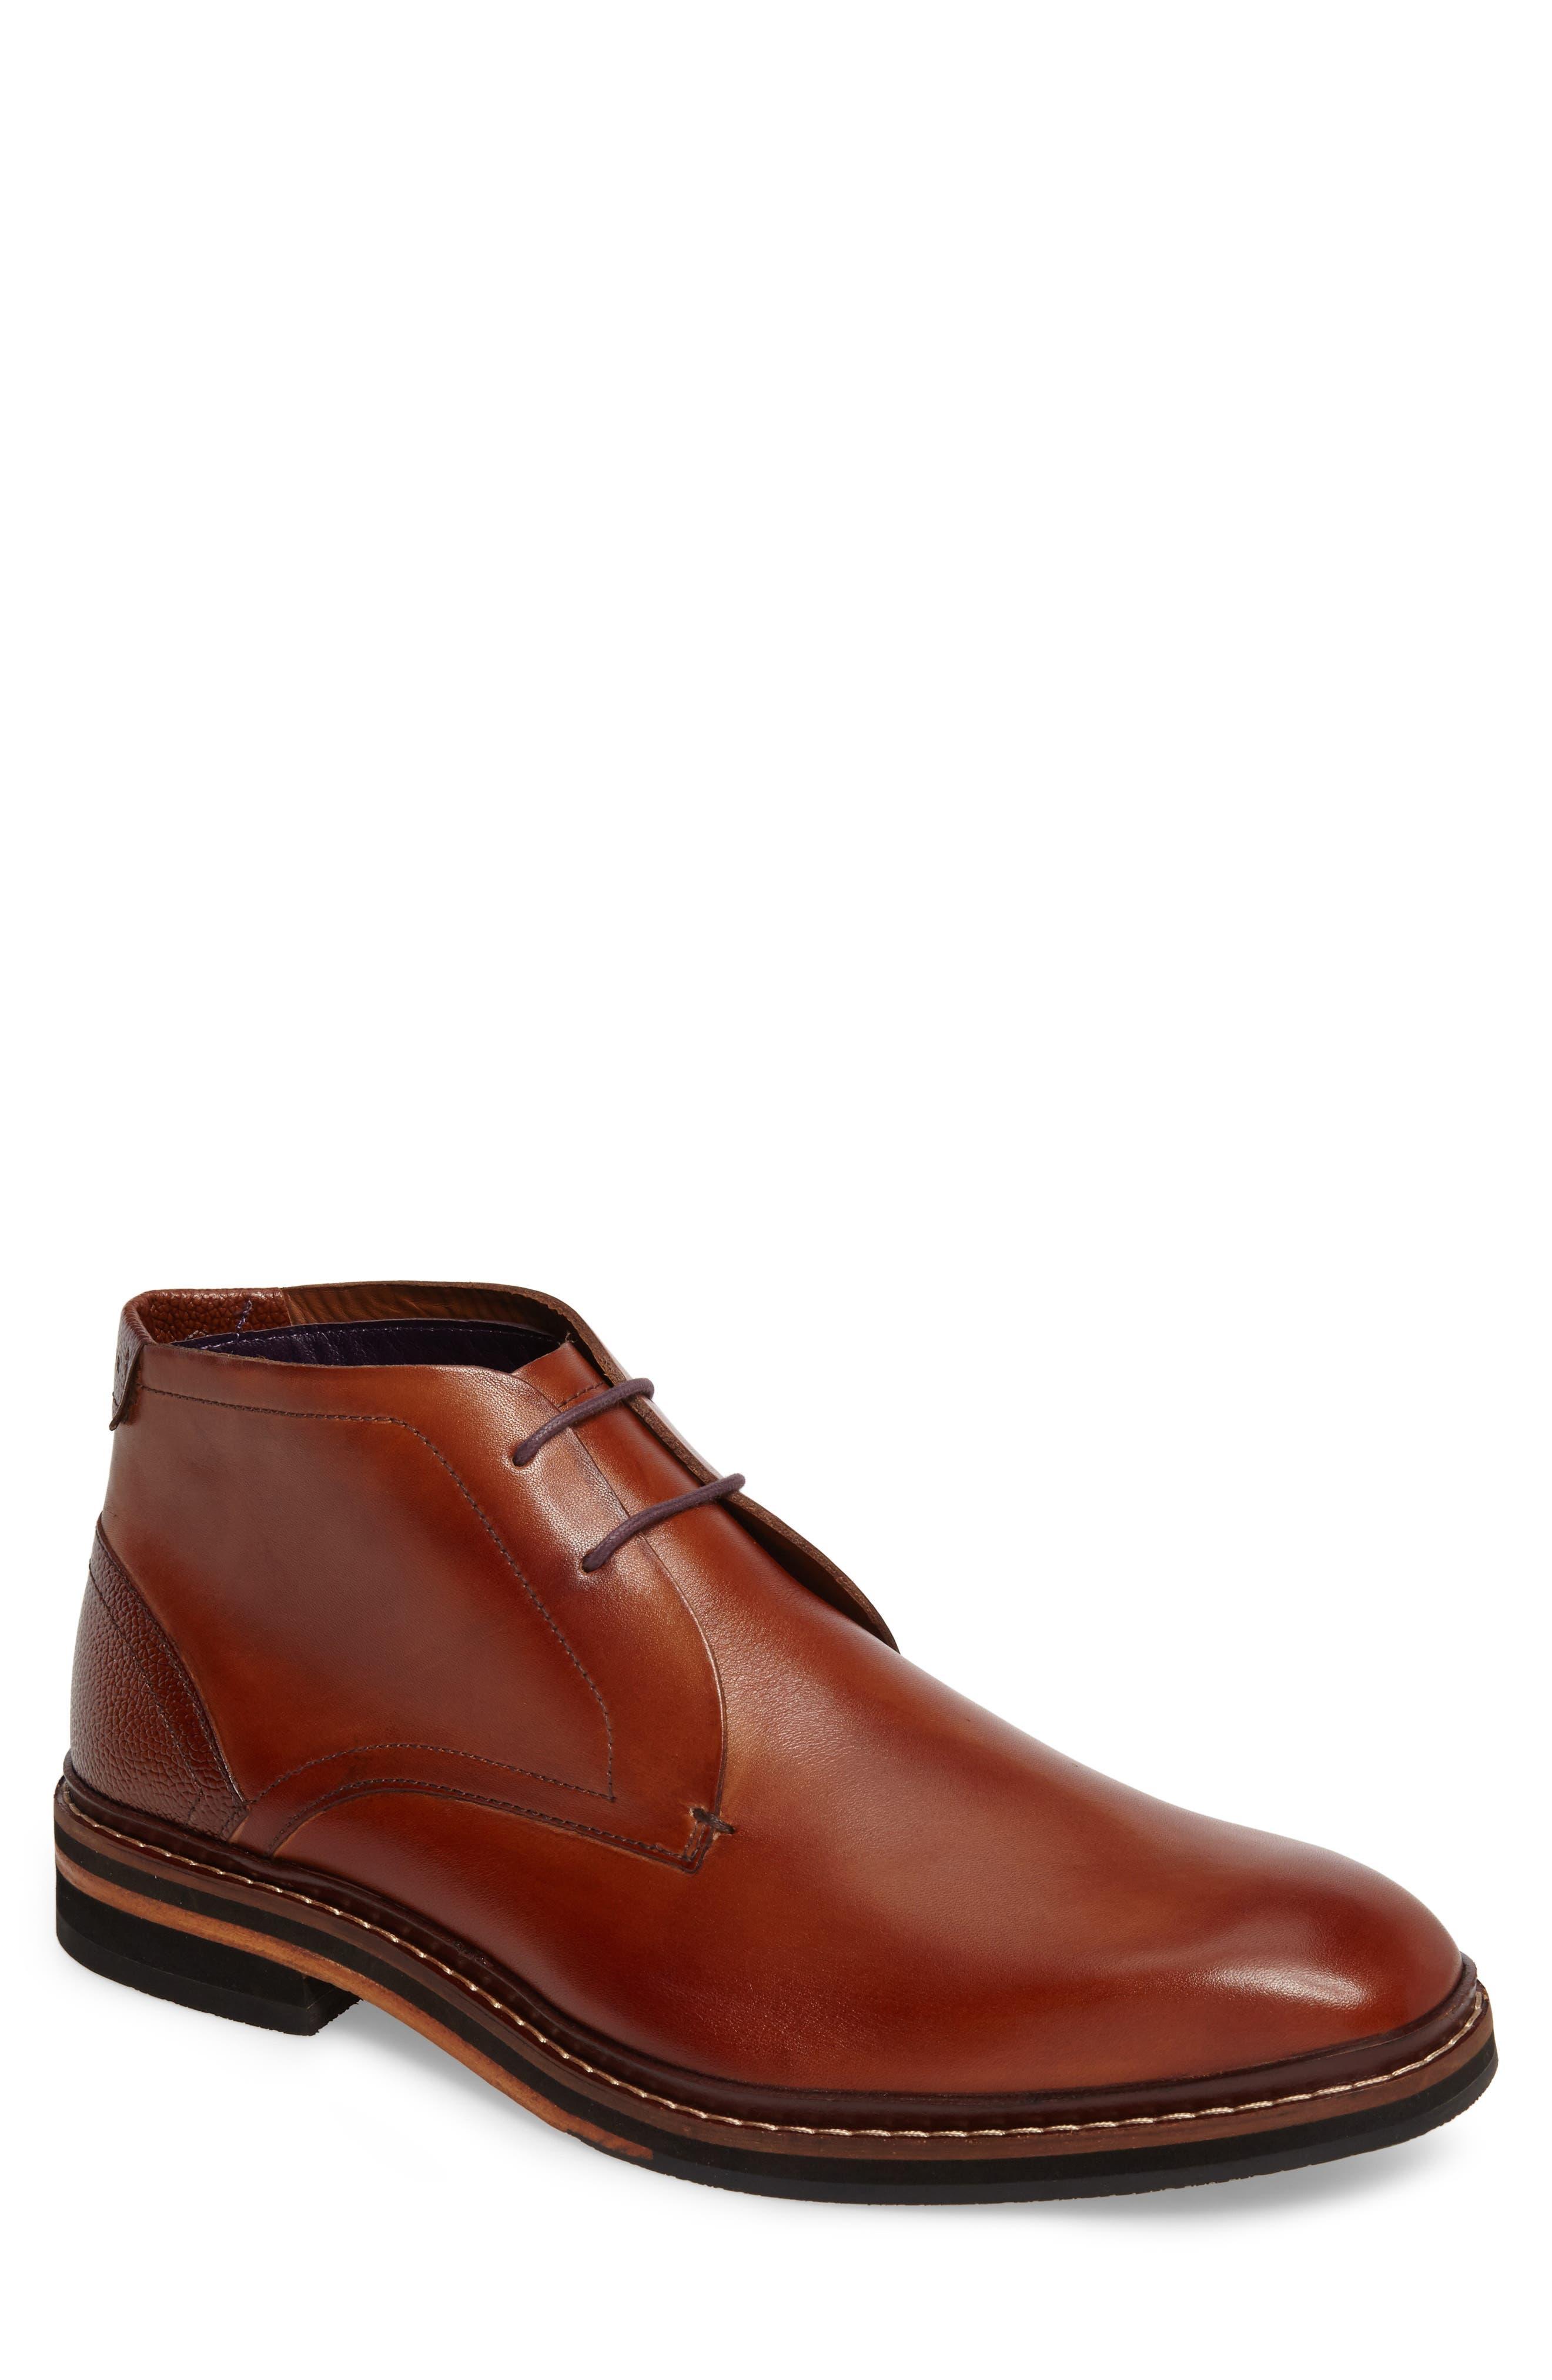 Alternate Image 1 Selected - Ted Baker London Azzlan Chukka Boot (Men)